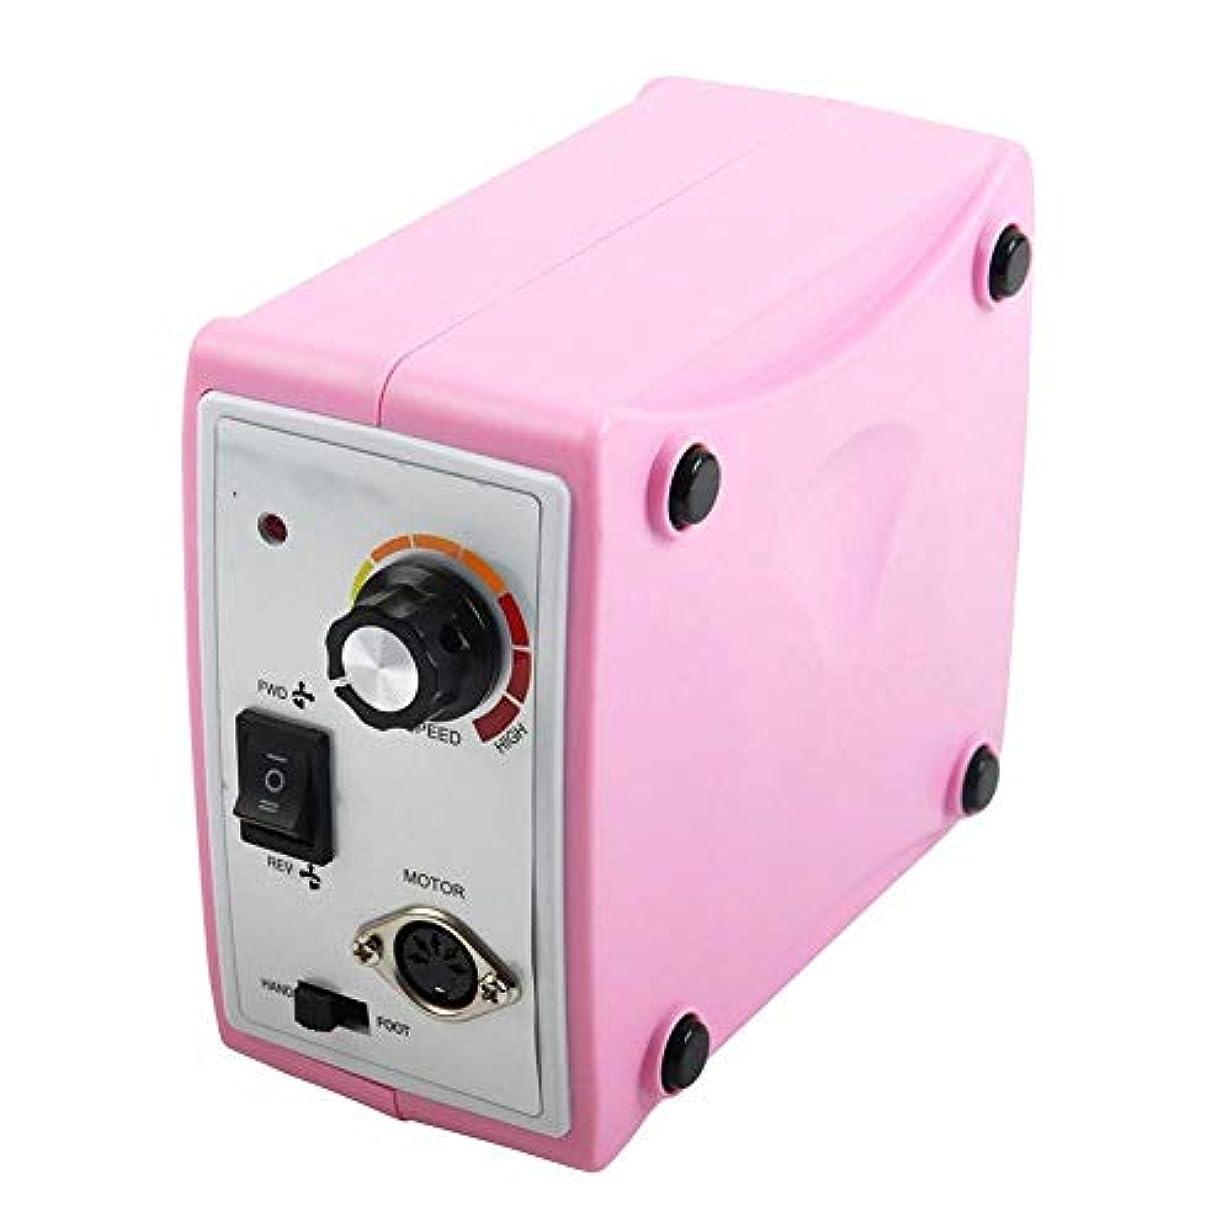 曲線悪意アミューズ30,000 rpmマシンネイル電気ネイルドリルコードレスアクリルネイルドリル機マニキュアペディキュアアートパウダーポリッシャージェルネイルグラインダーツール、ピンク,ピンク